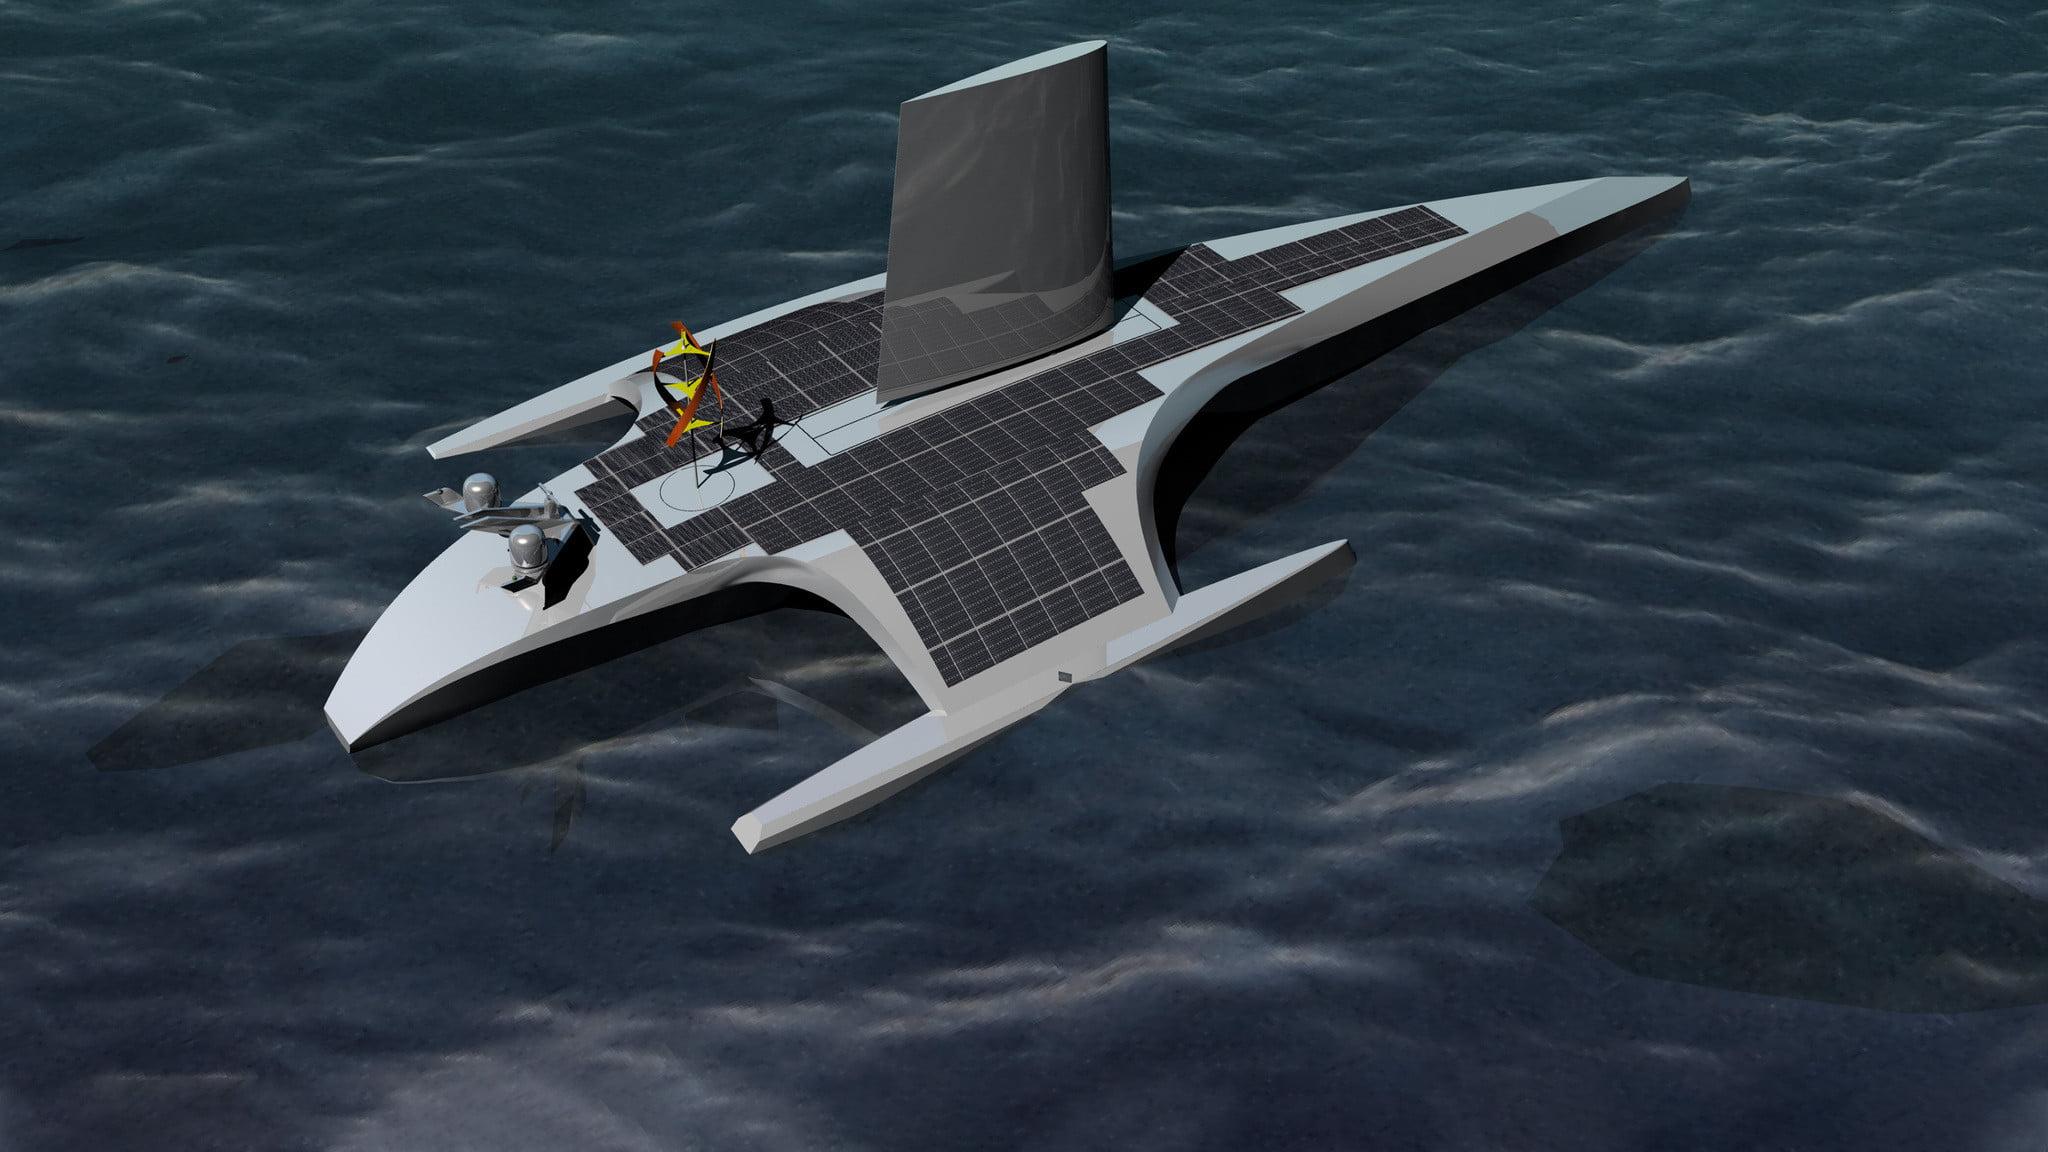 Ωκεανοί Σκάφος: Η αυτόνομη οδήγηση θα βγει στο νερό τον Απρίλιο με το Mayflower Autonomous Ship